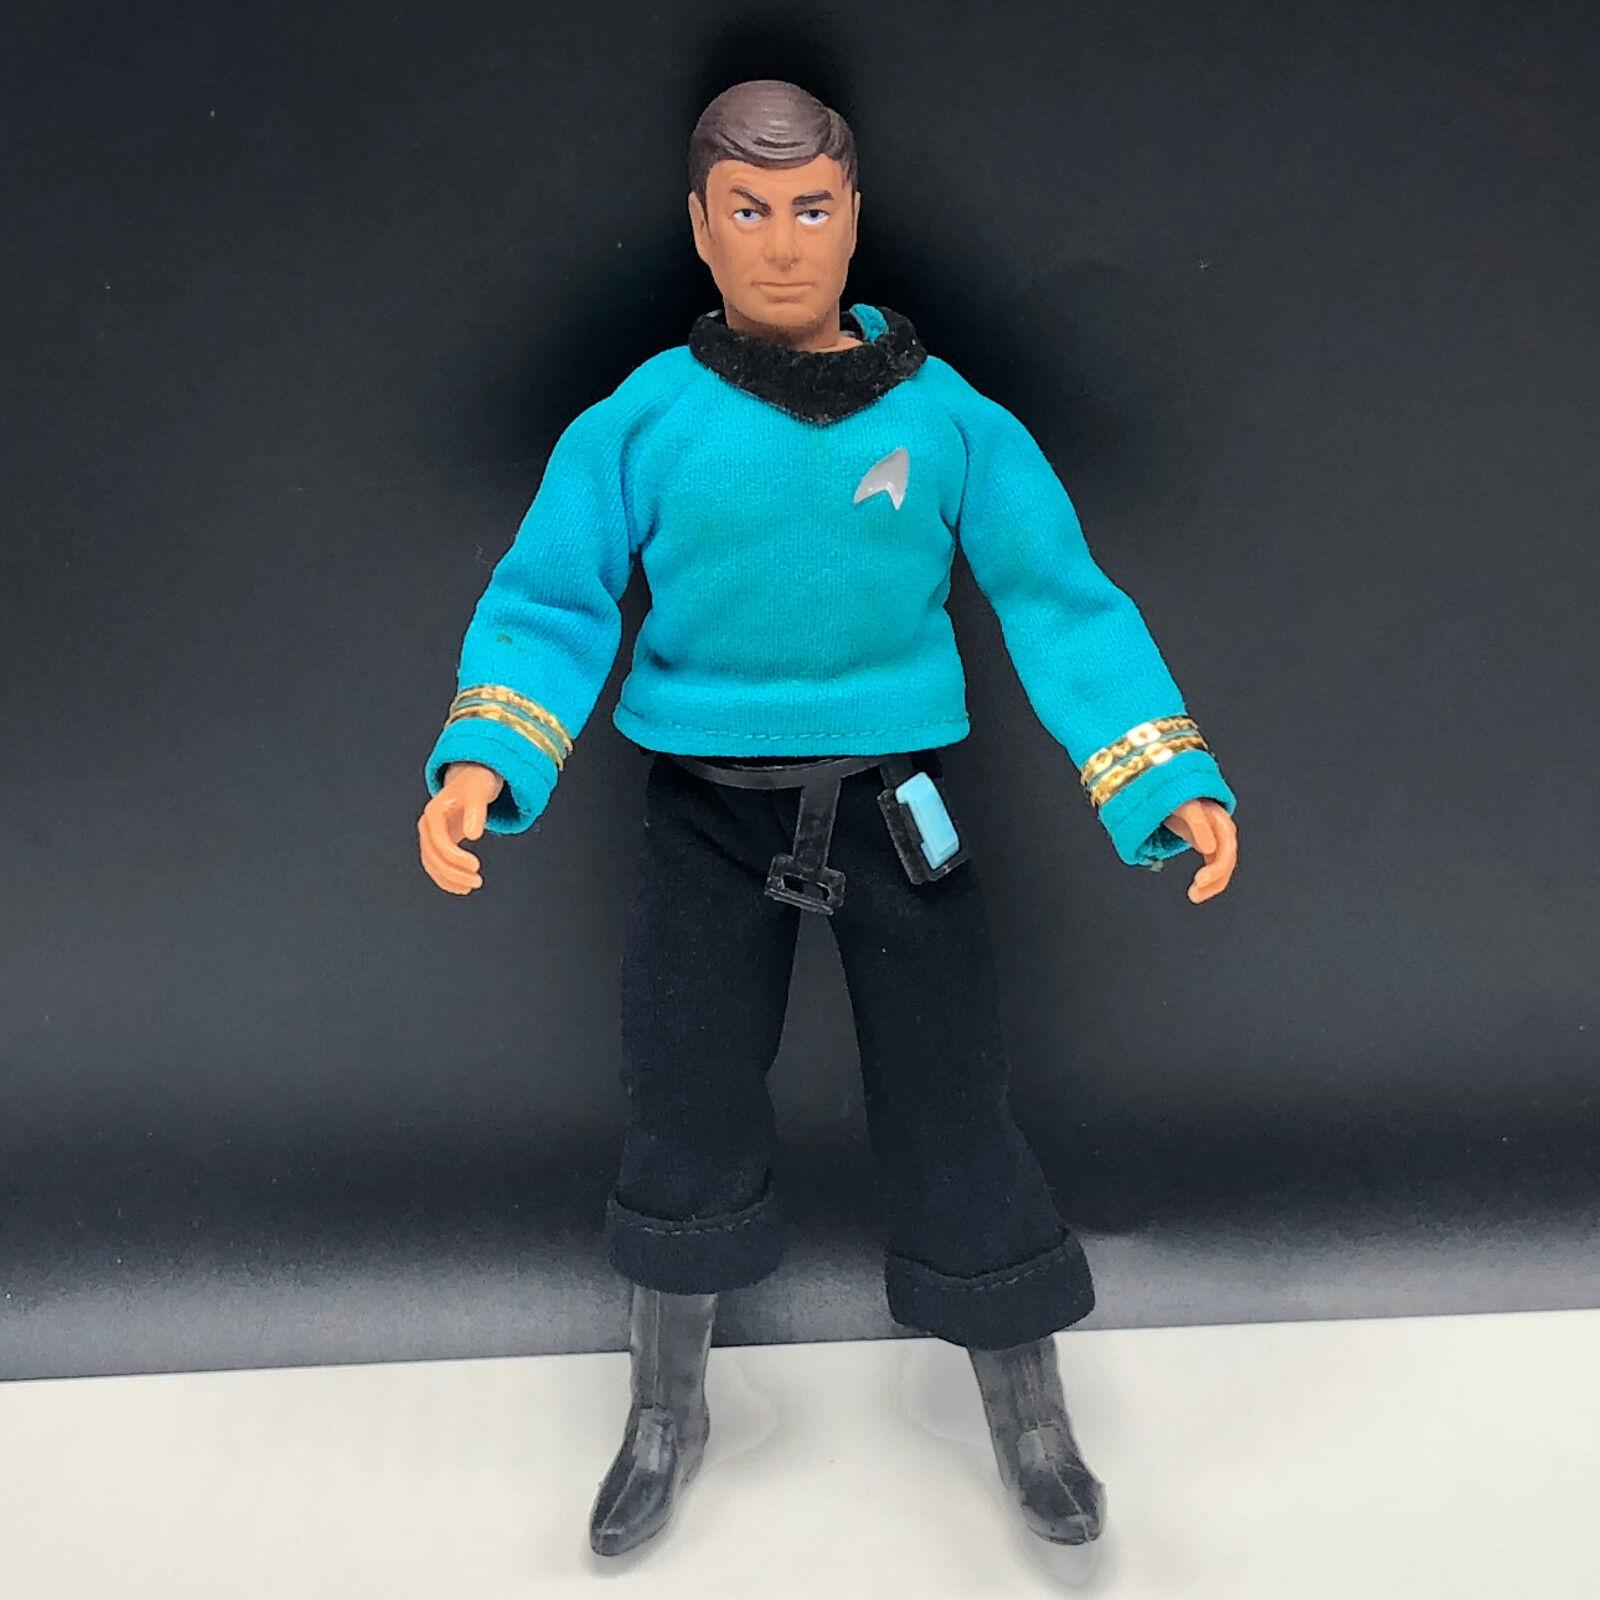 MEGO STAR TREK ACTION FIGURE VINTAGE 1974 loose toy Dr Leonard Bone Mccoy belt